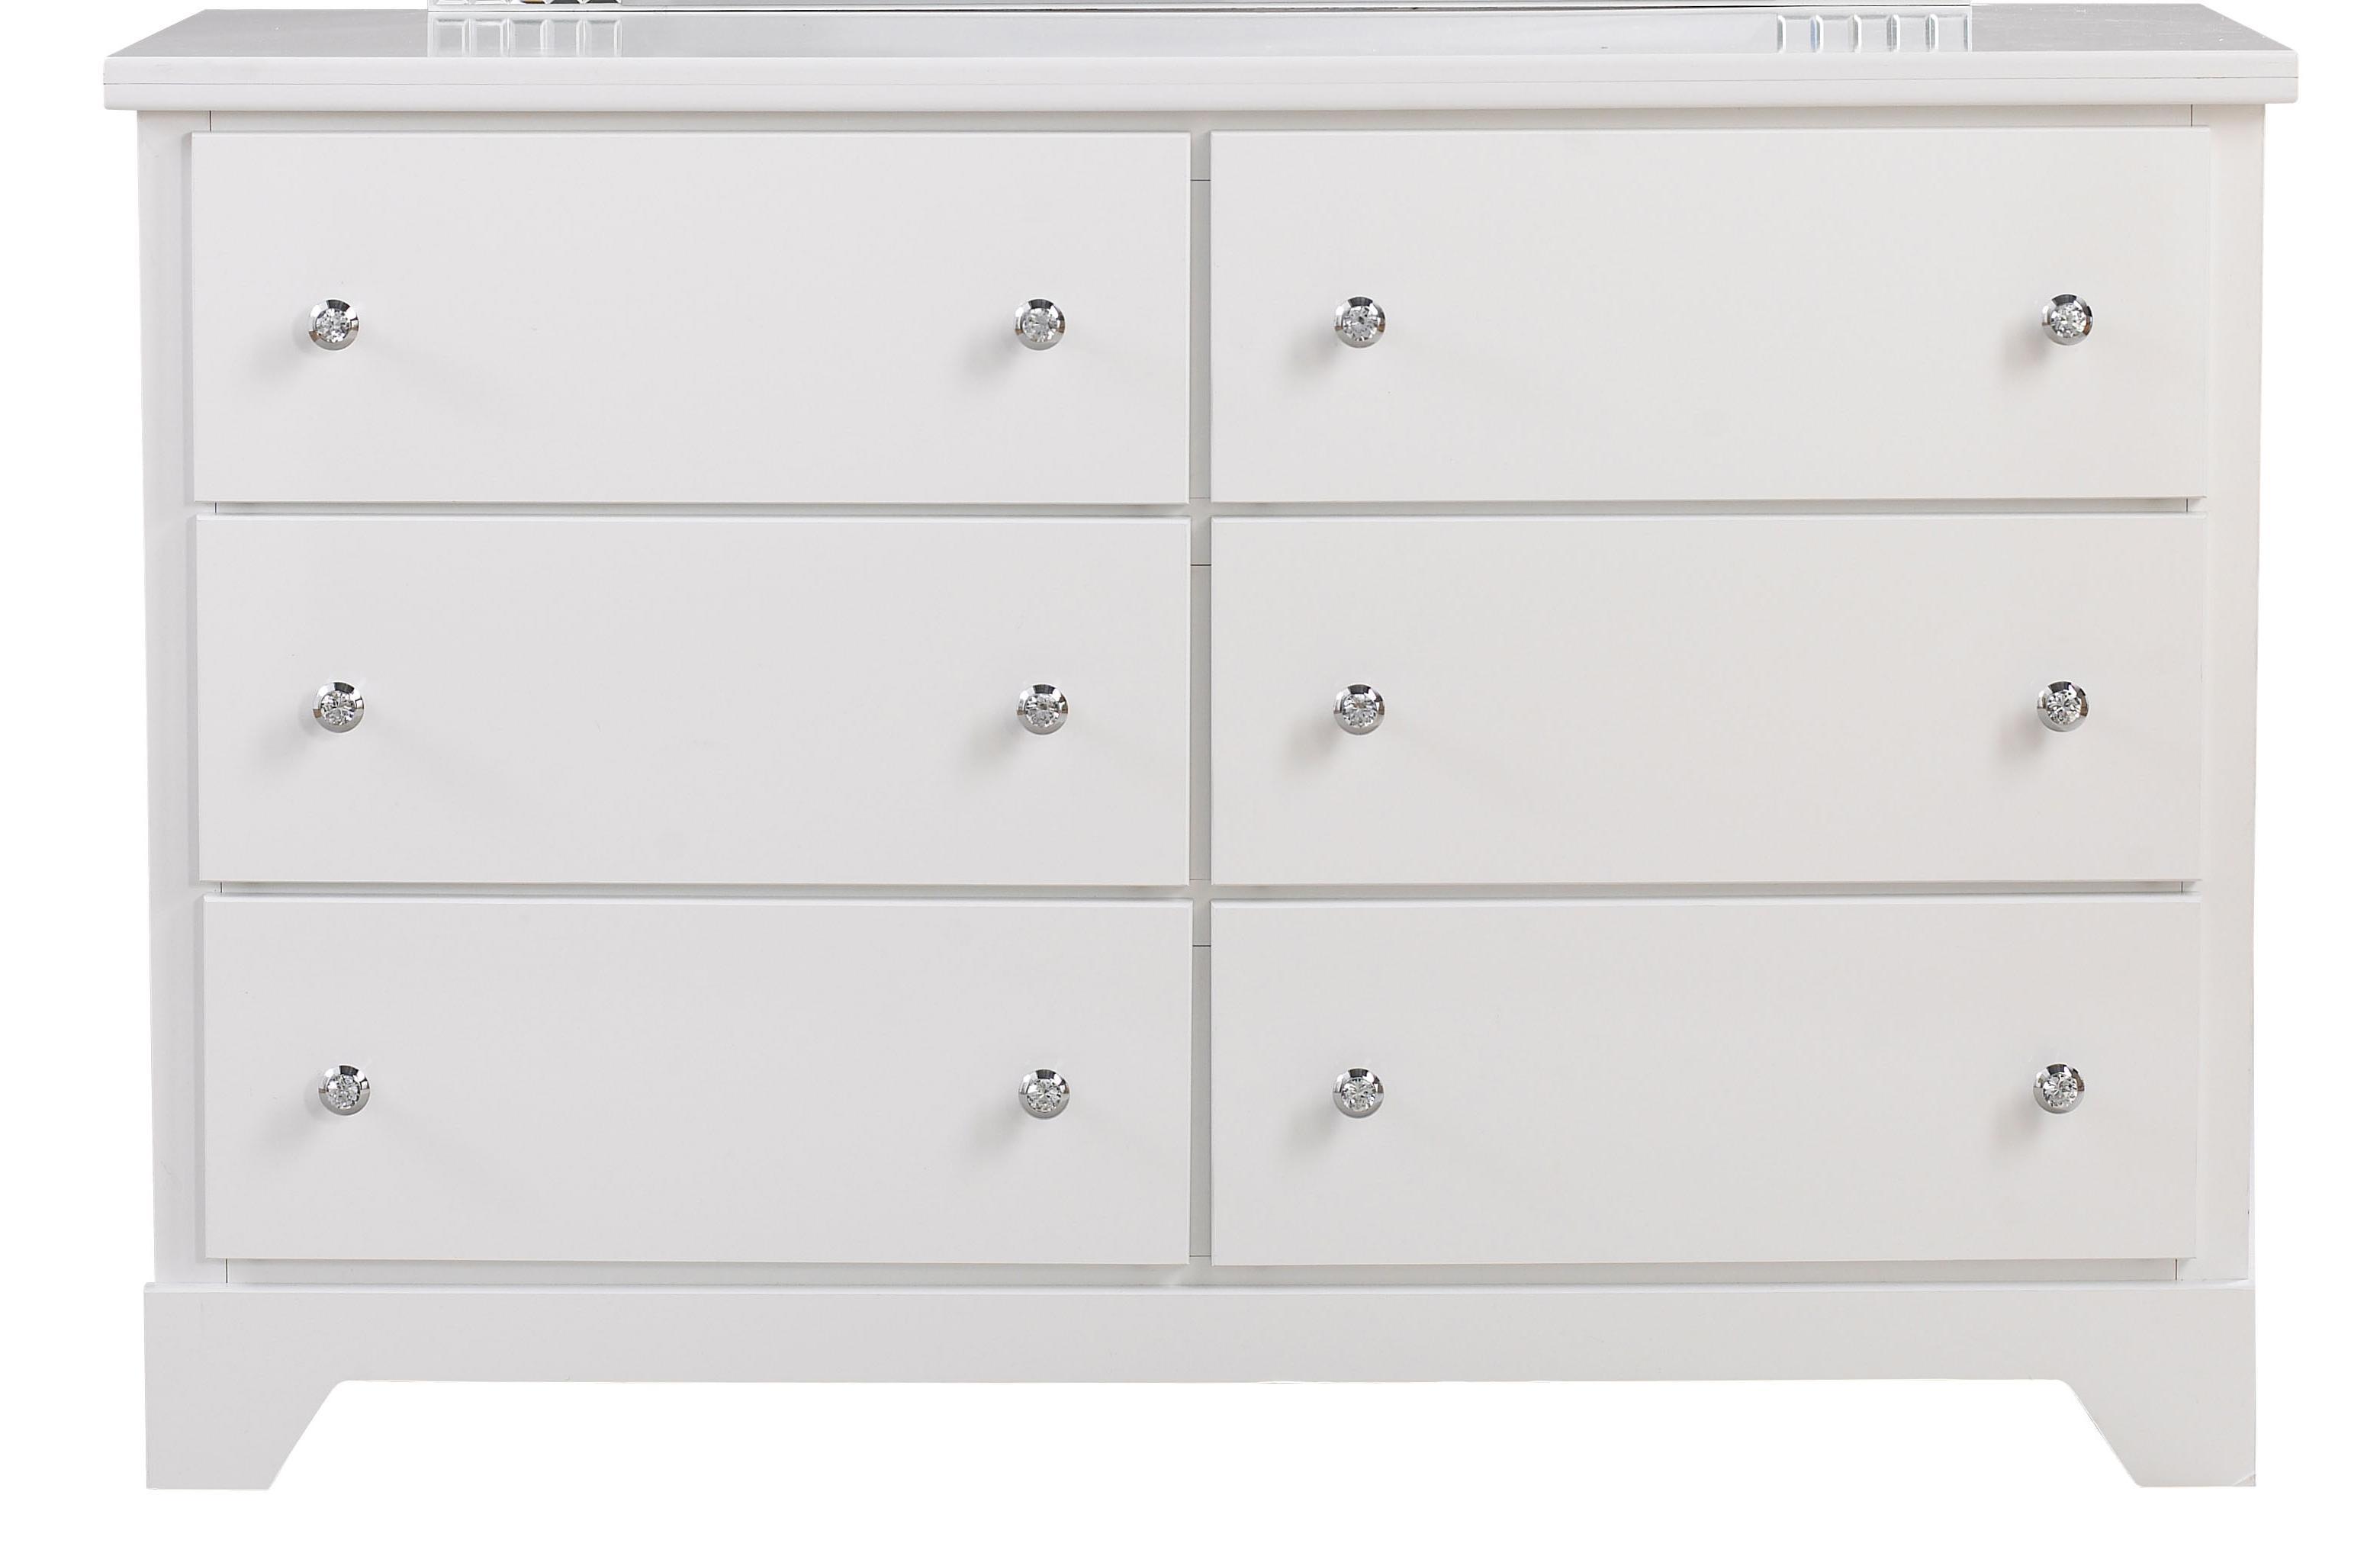 Standard Furniture Marilyn Youth Dresser - Item Number: 66309